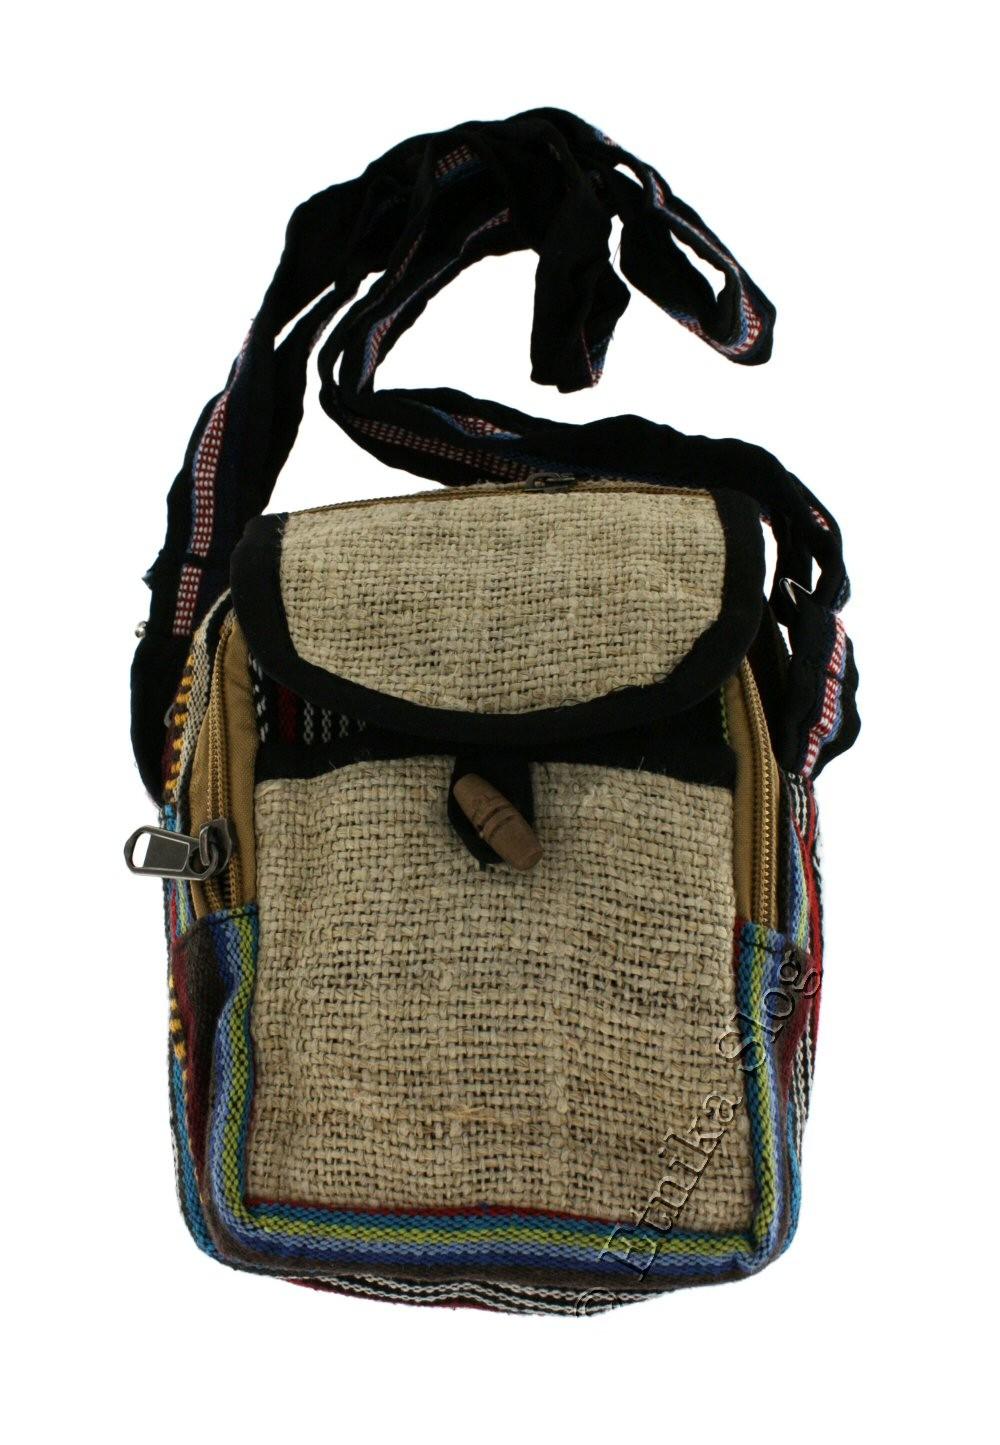 BAGS IN HEMP CNP-BSP05 - com Etnika Slog d.o.o.